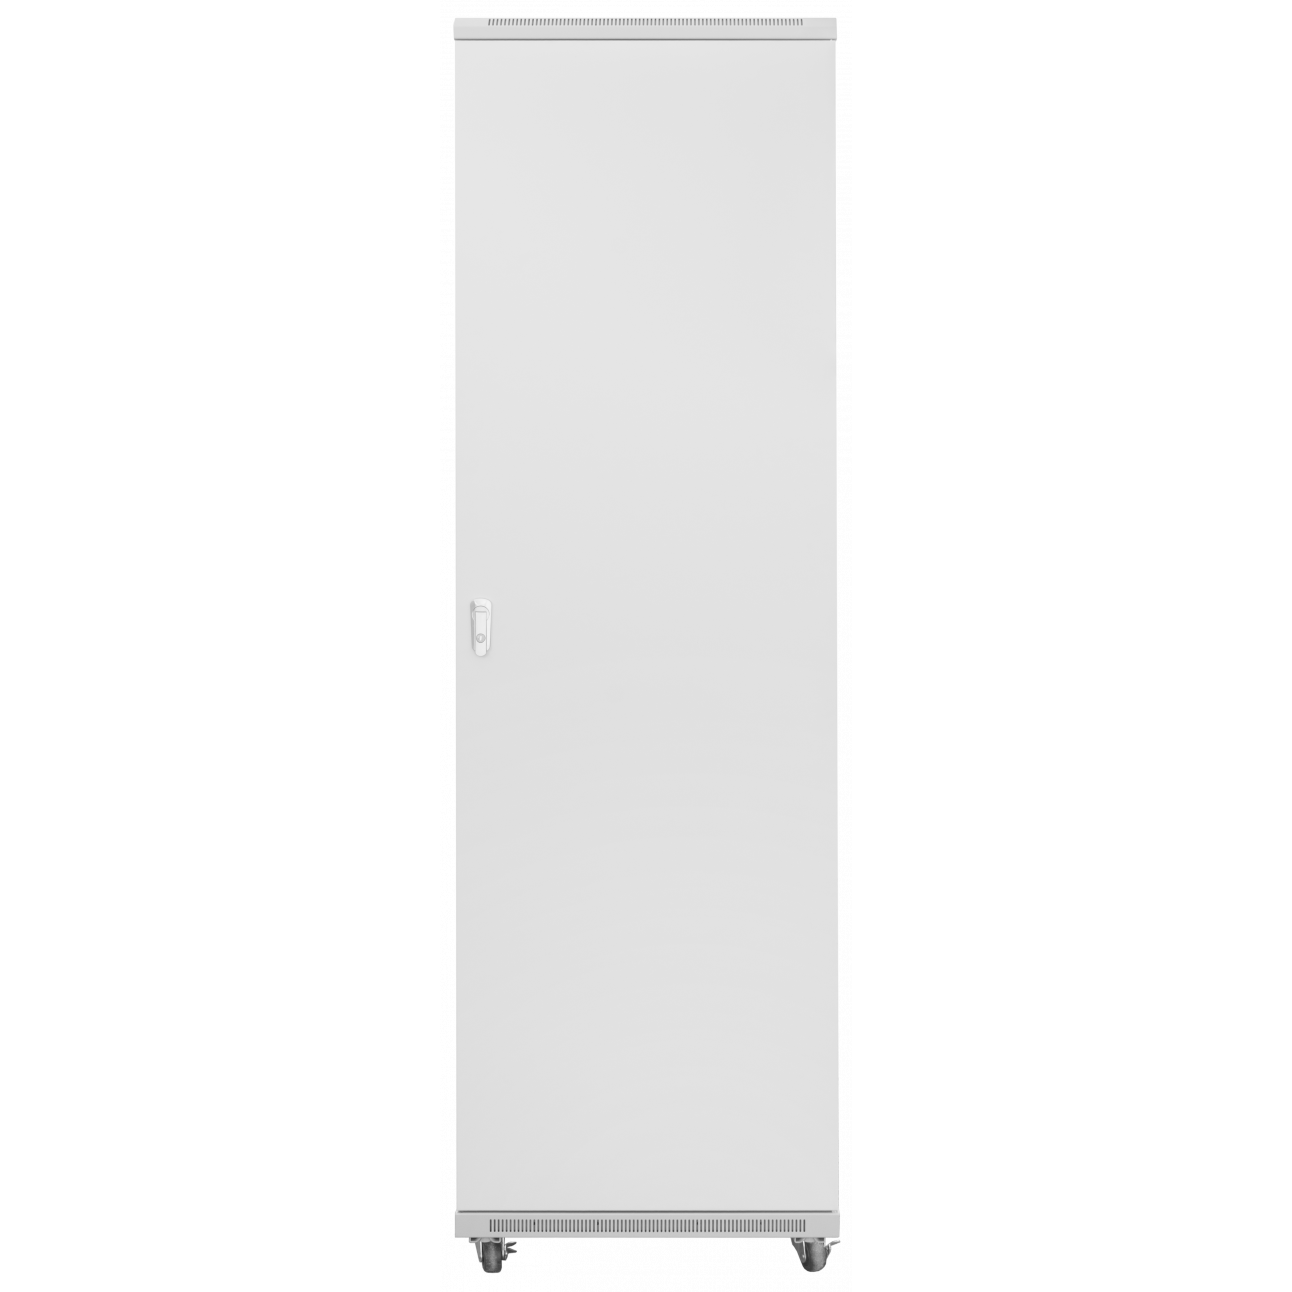 Шкаф телекоммуникационный напольный 47U 600x600мм, серия TFC (SNR-TFC-476060-GS-G)